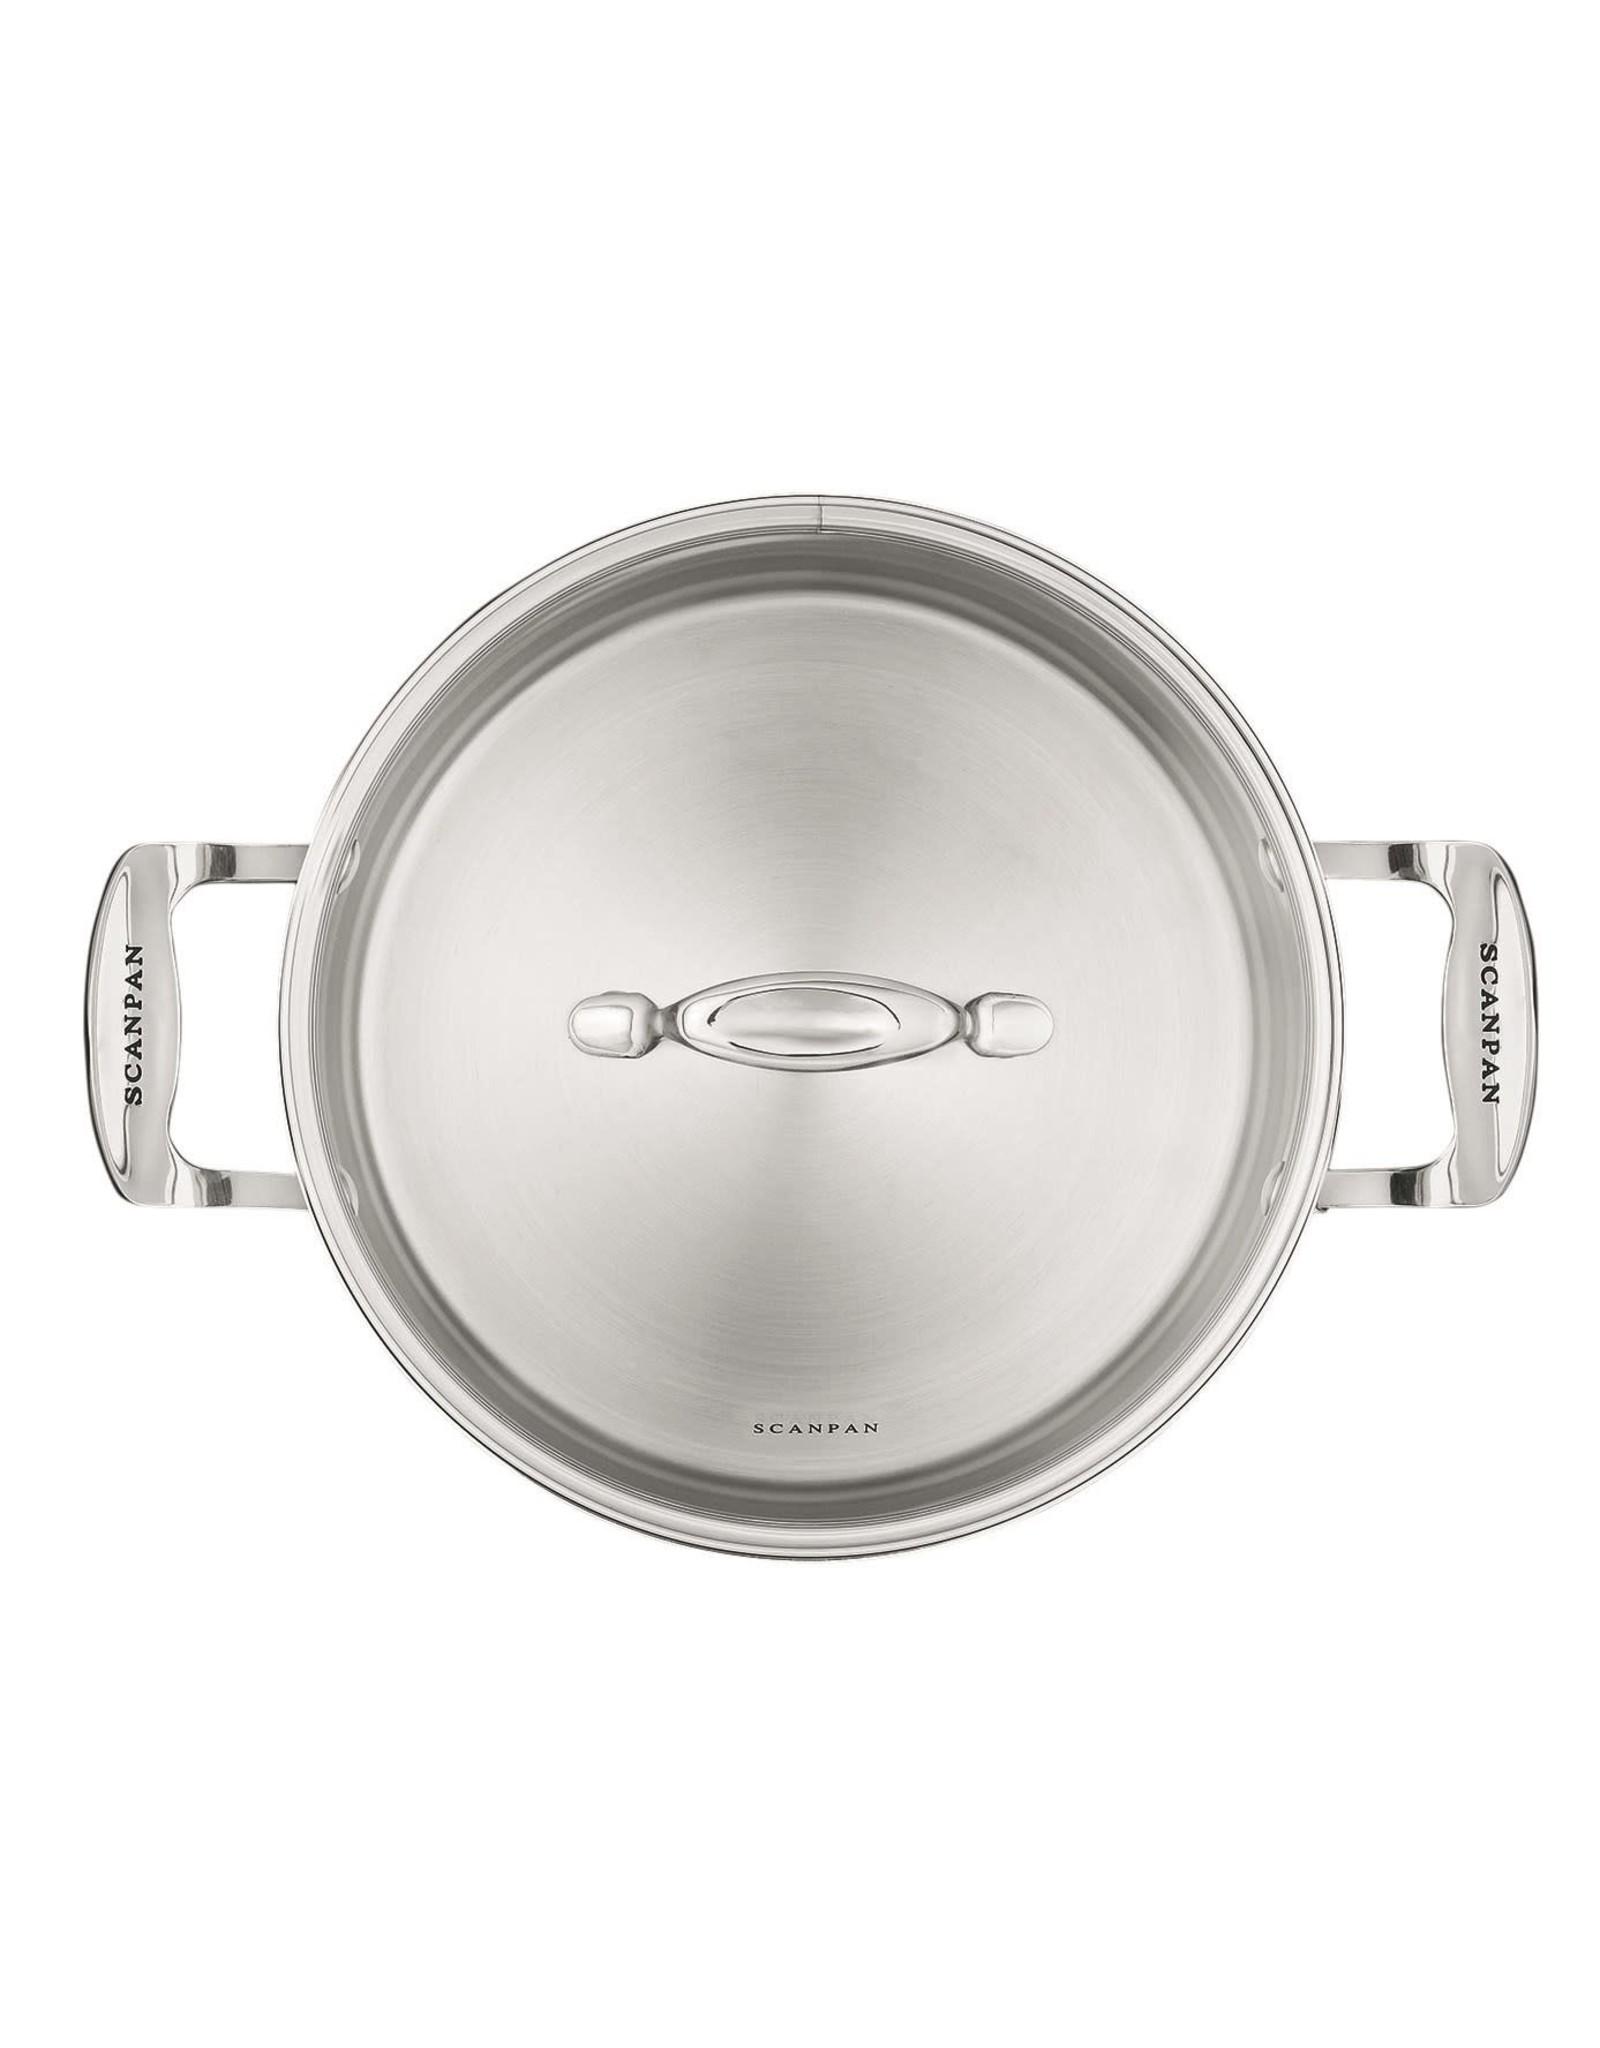 Scanpan Scanpan. Impact Dutch Oven 4.8L, 24cm